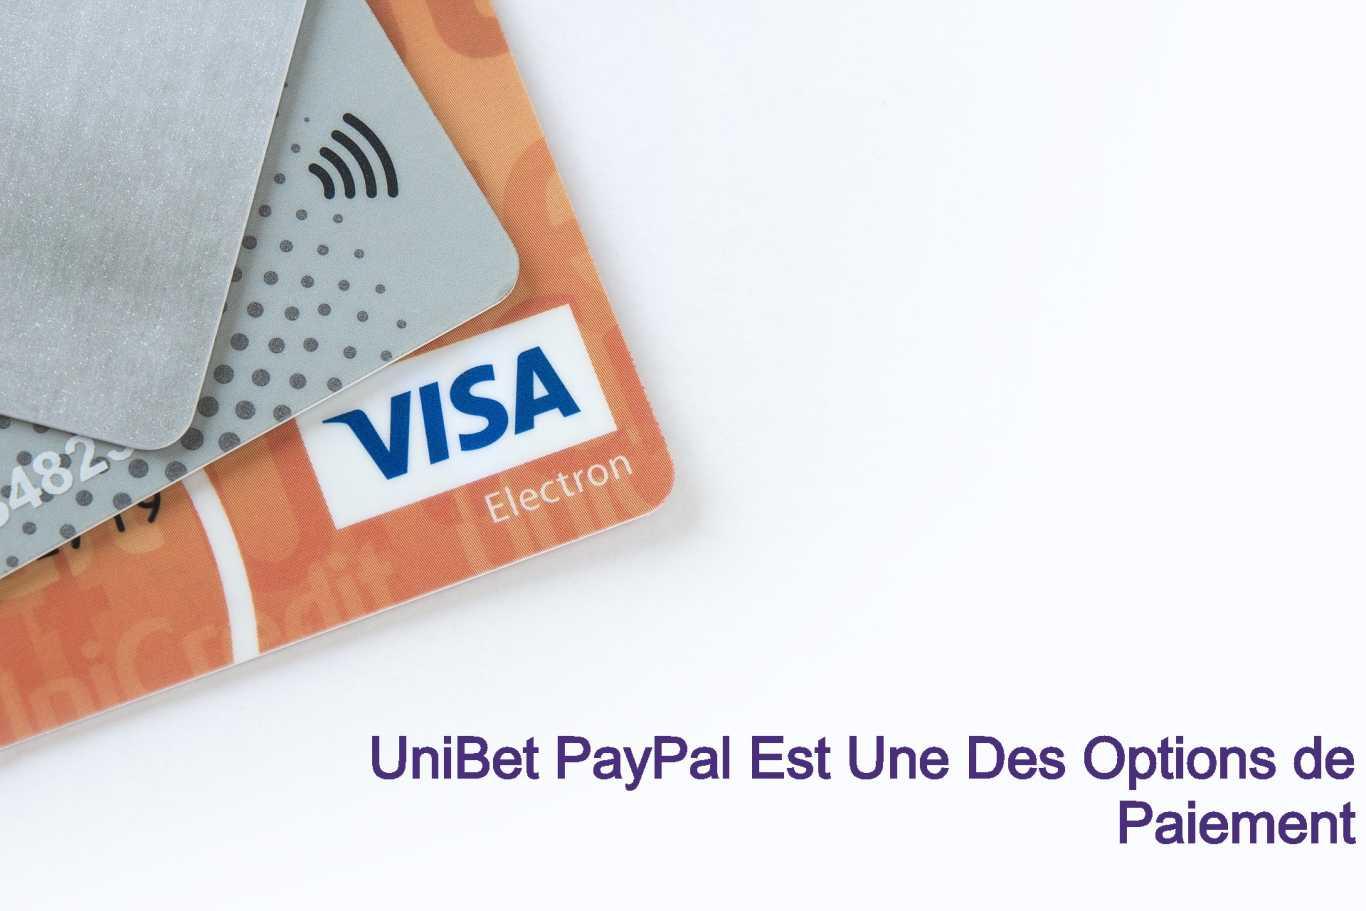 UniBet PayPal Est Une Des Options de Paiement